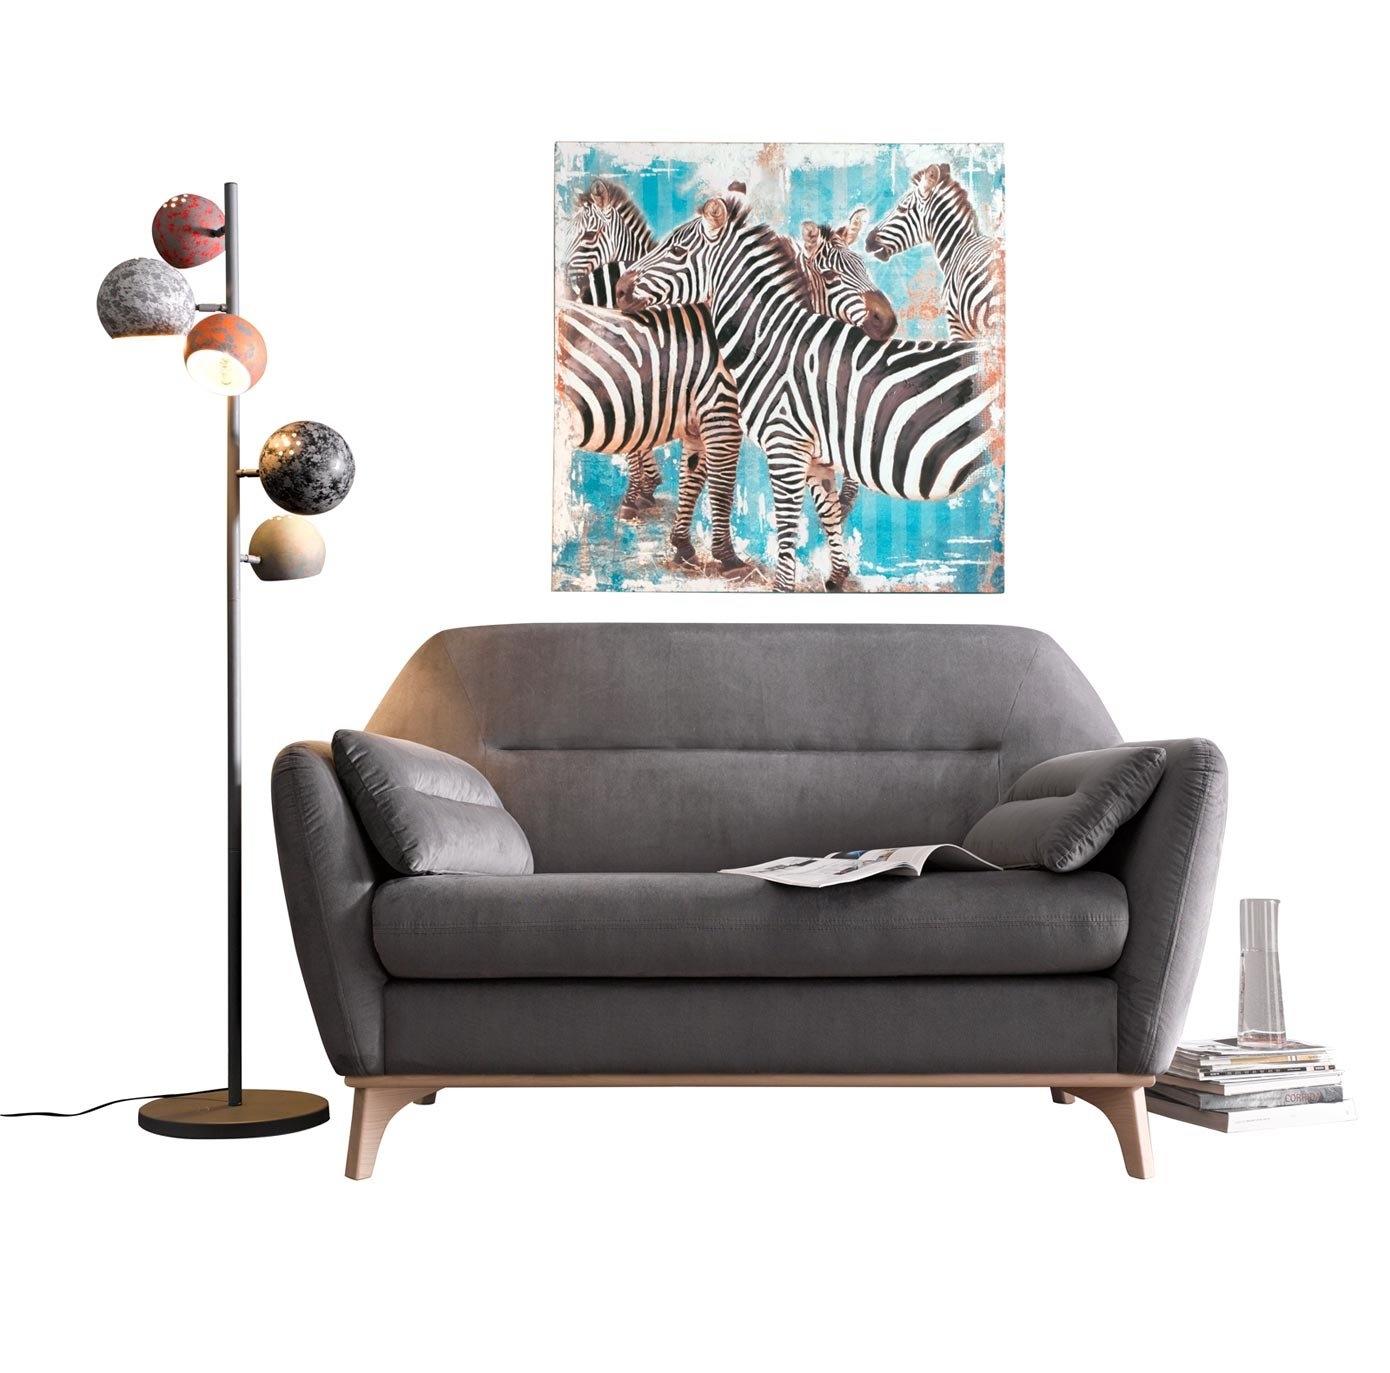 schilderij in de webshop van OTTO kopen